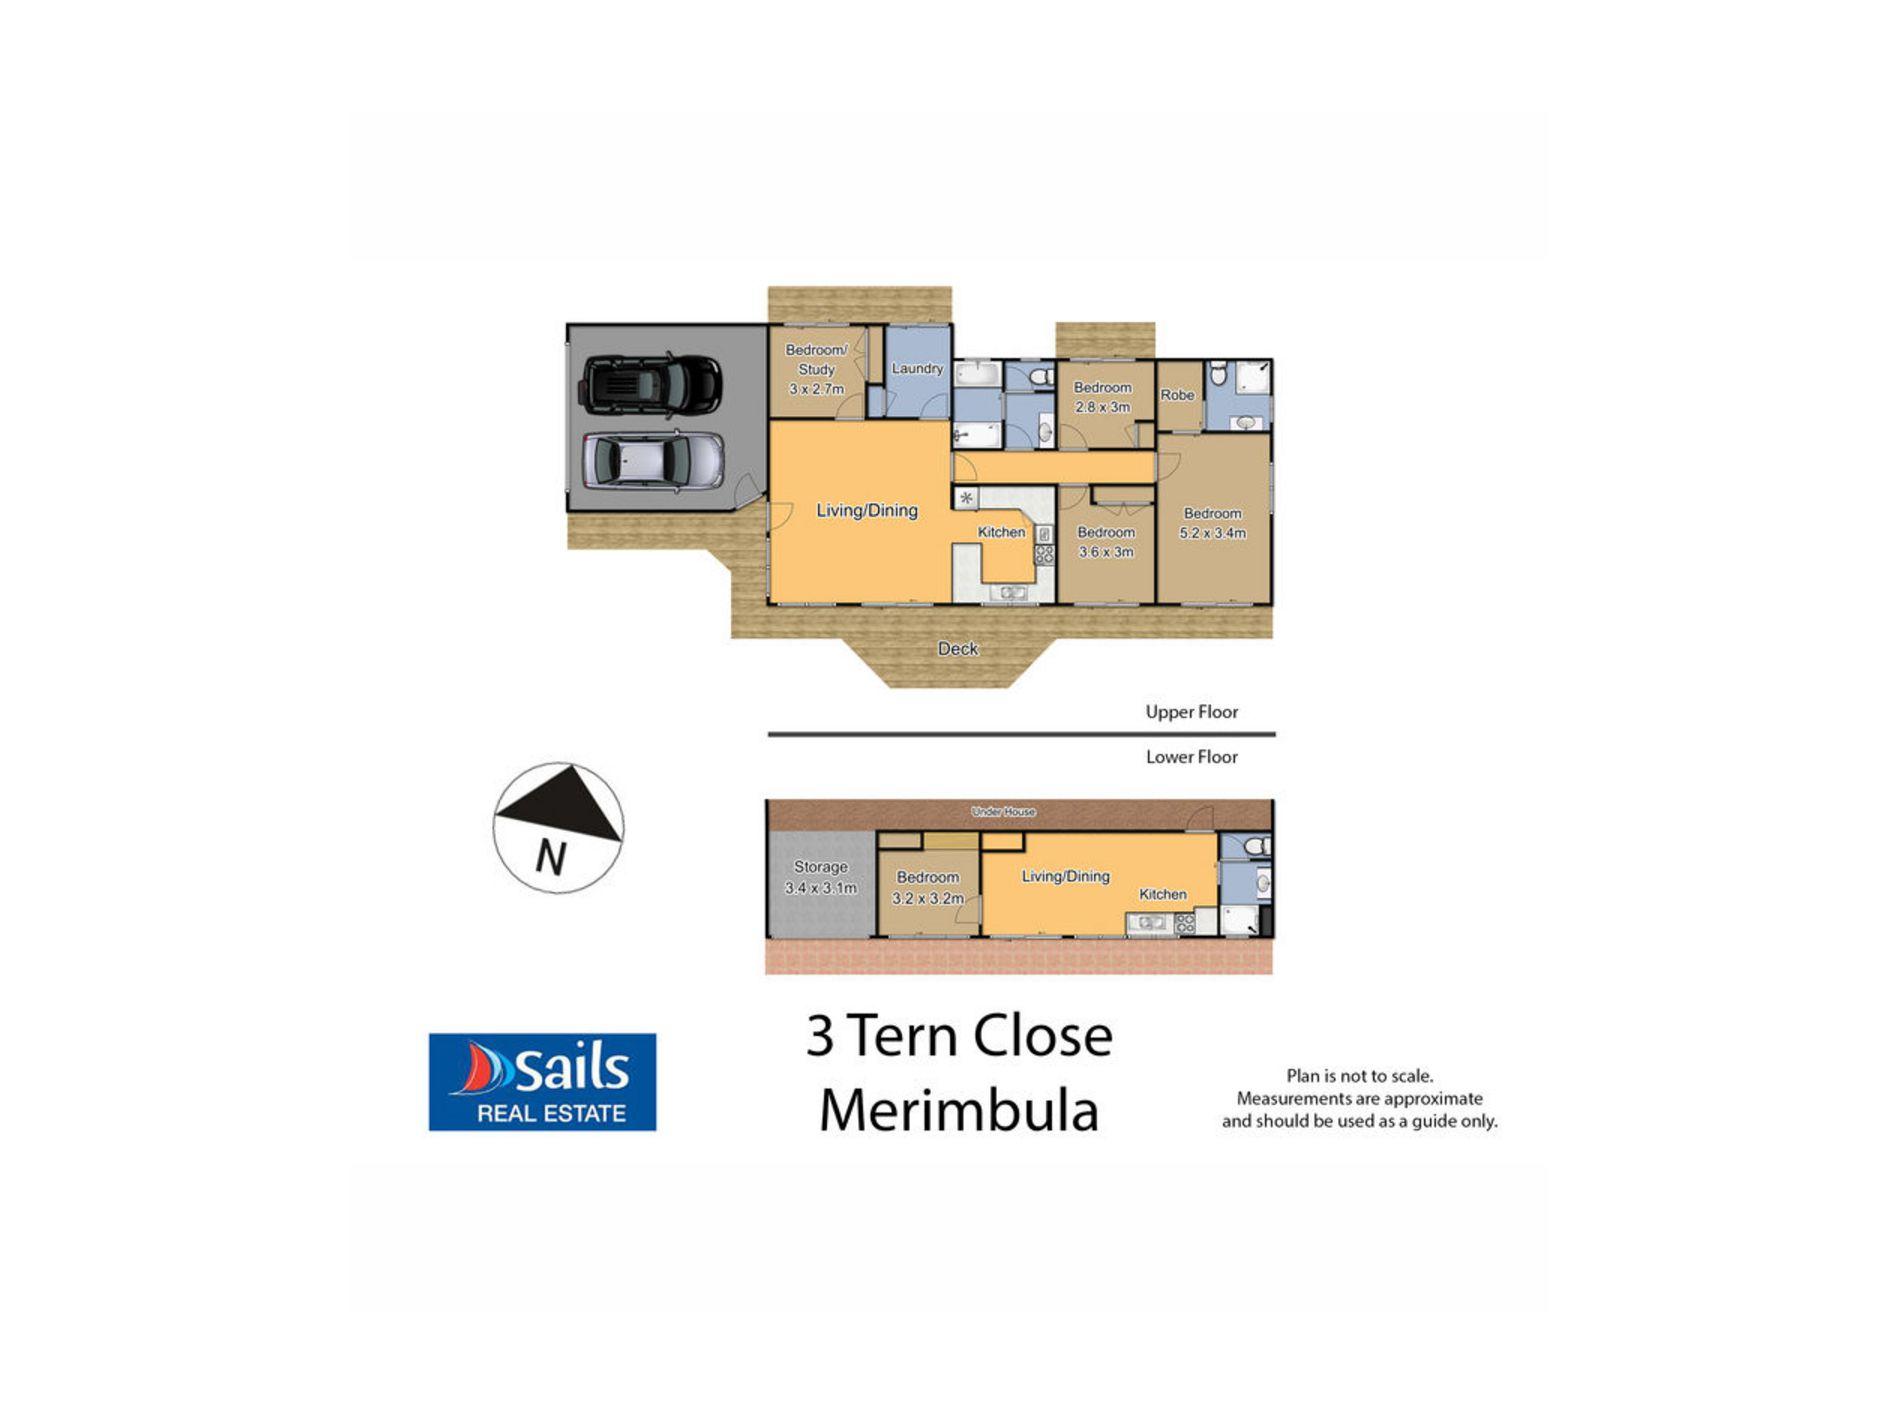 3 Tern Close, Merimbula